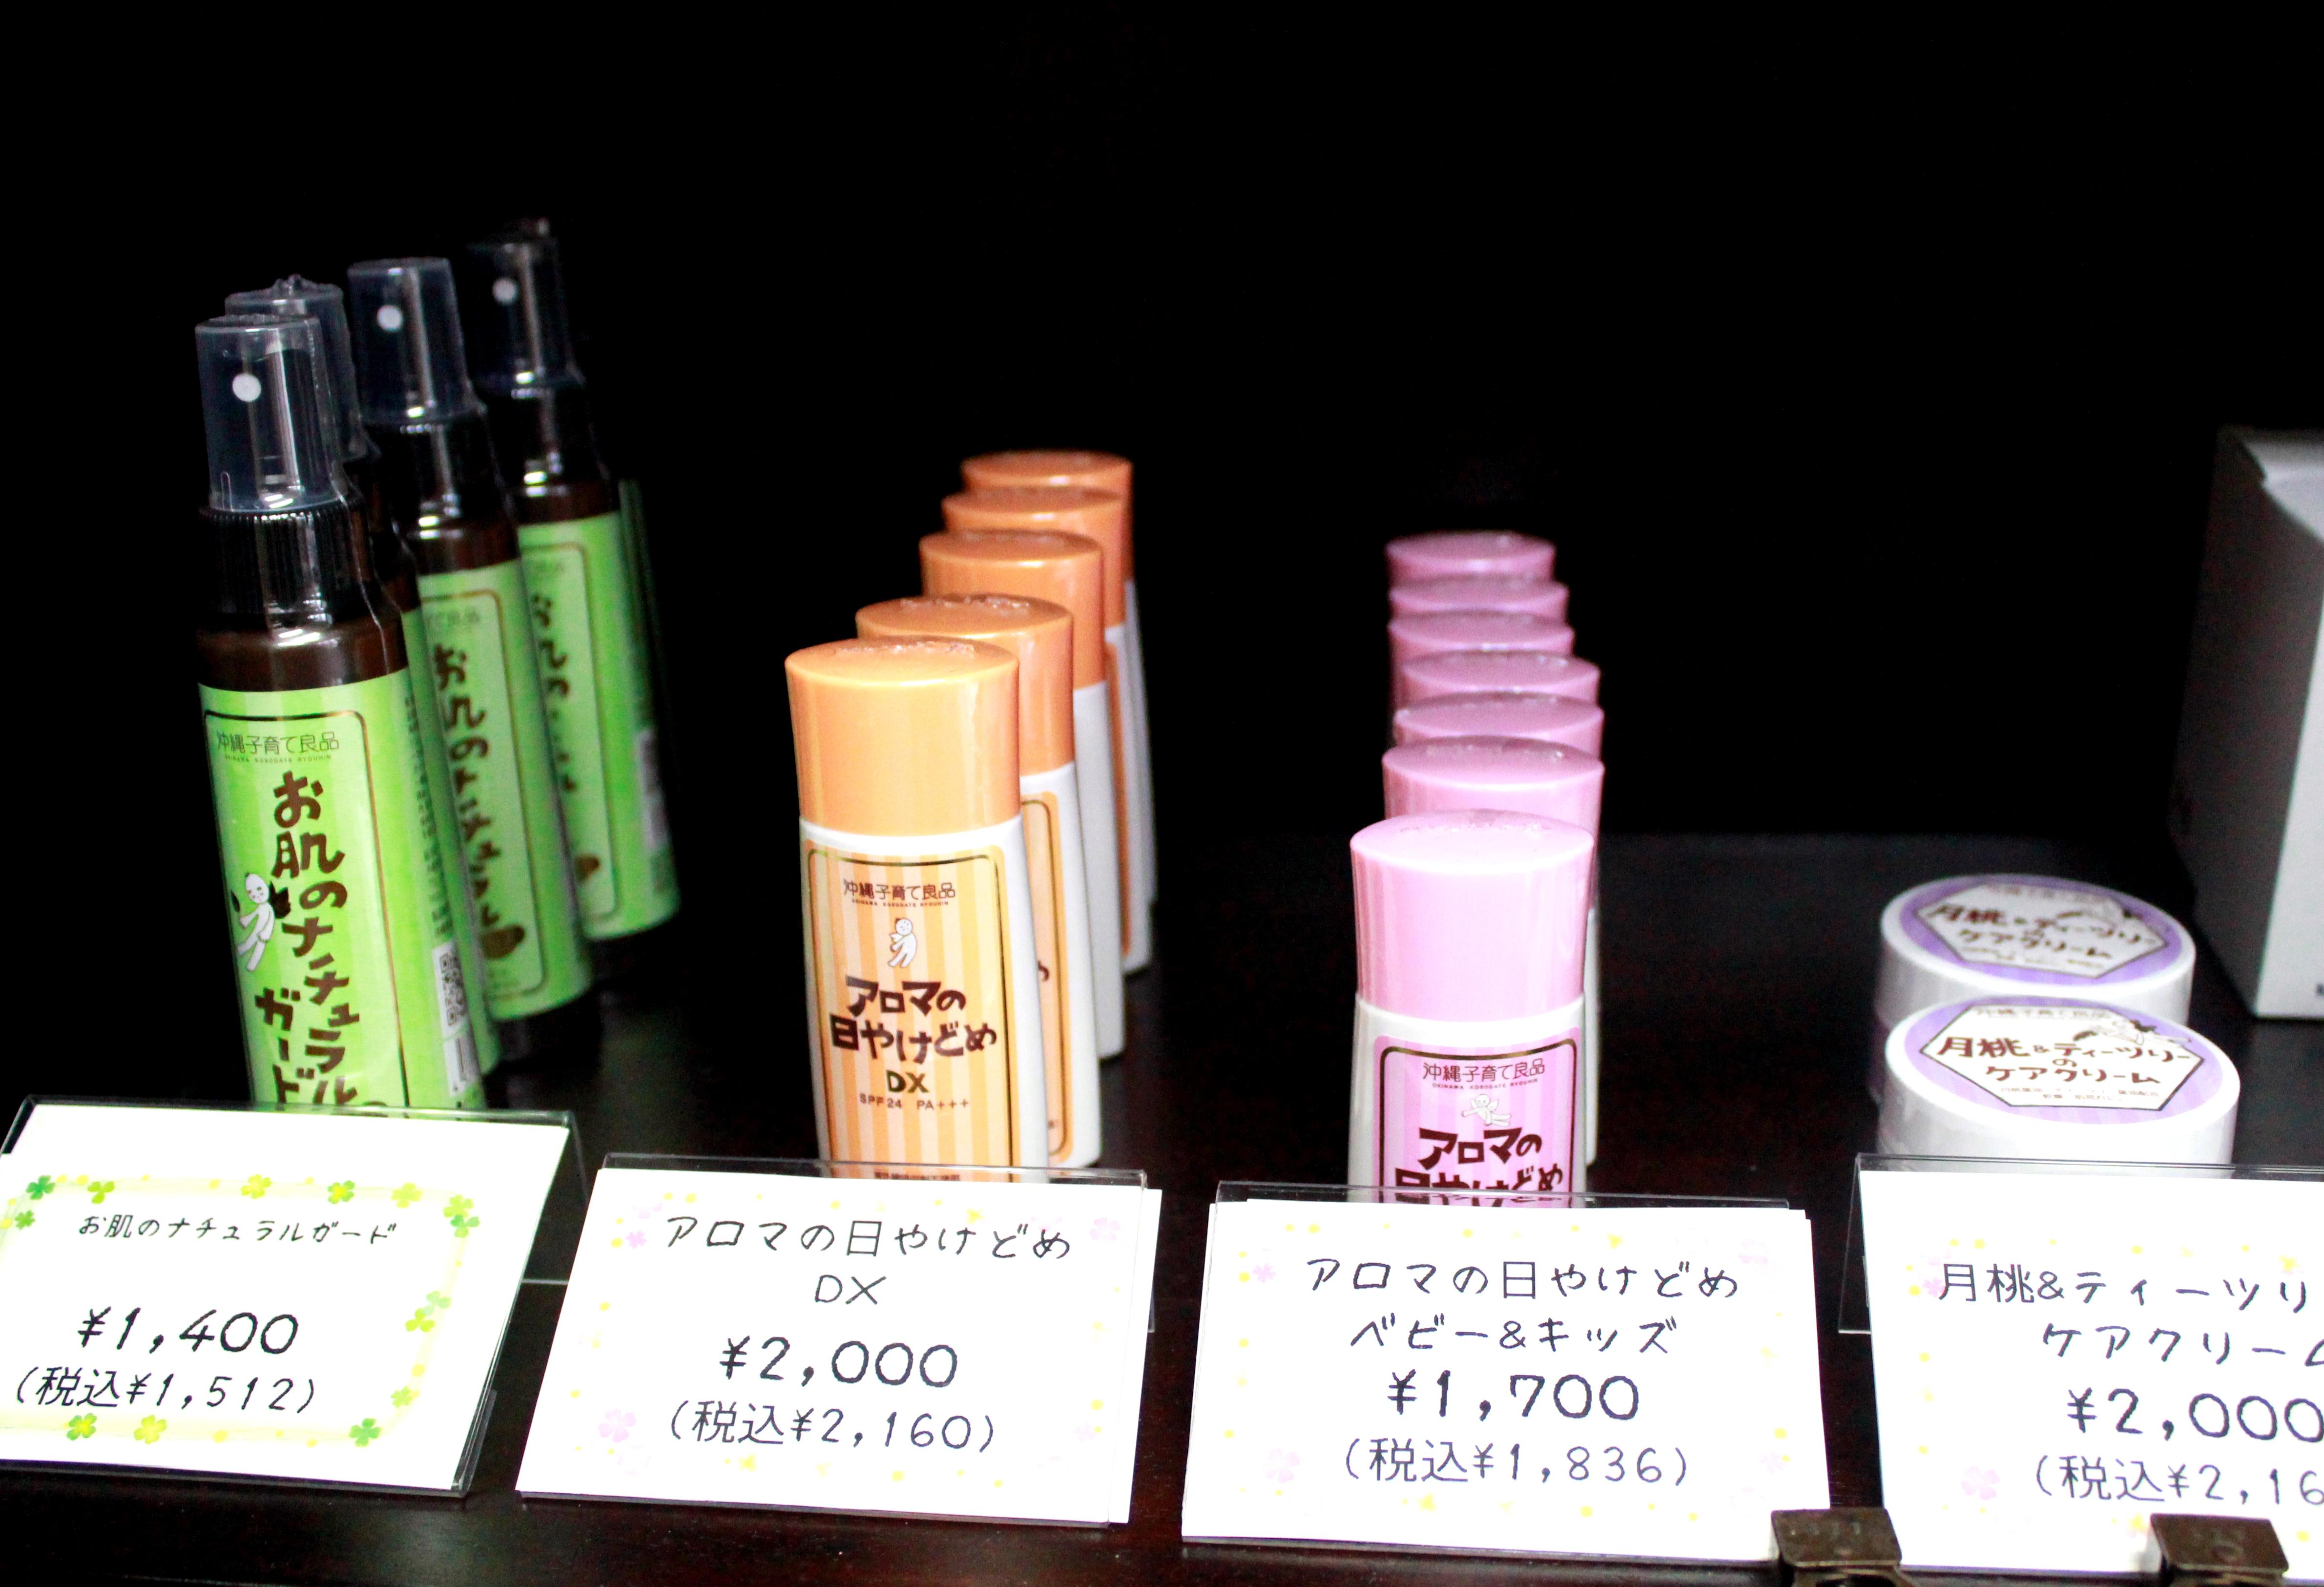 沖縄子育て良品のスキンケア商品は、赤ちゃん&キッズにも安心して使えます♪